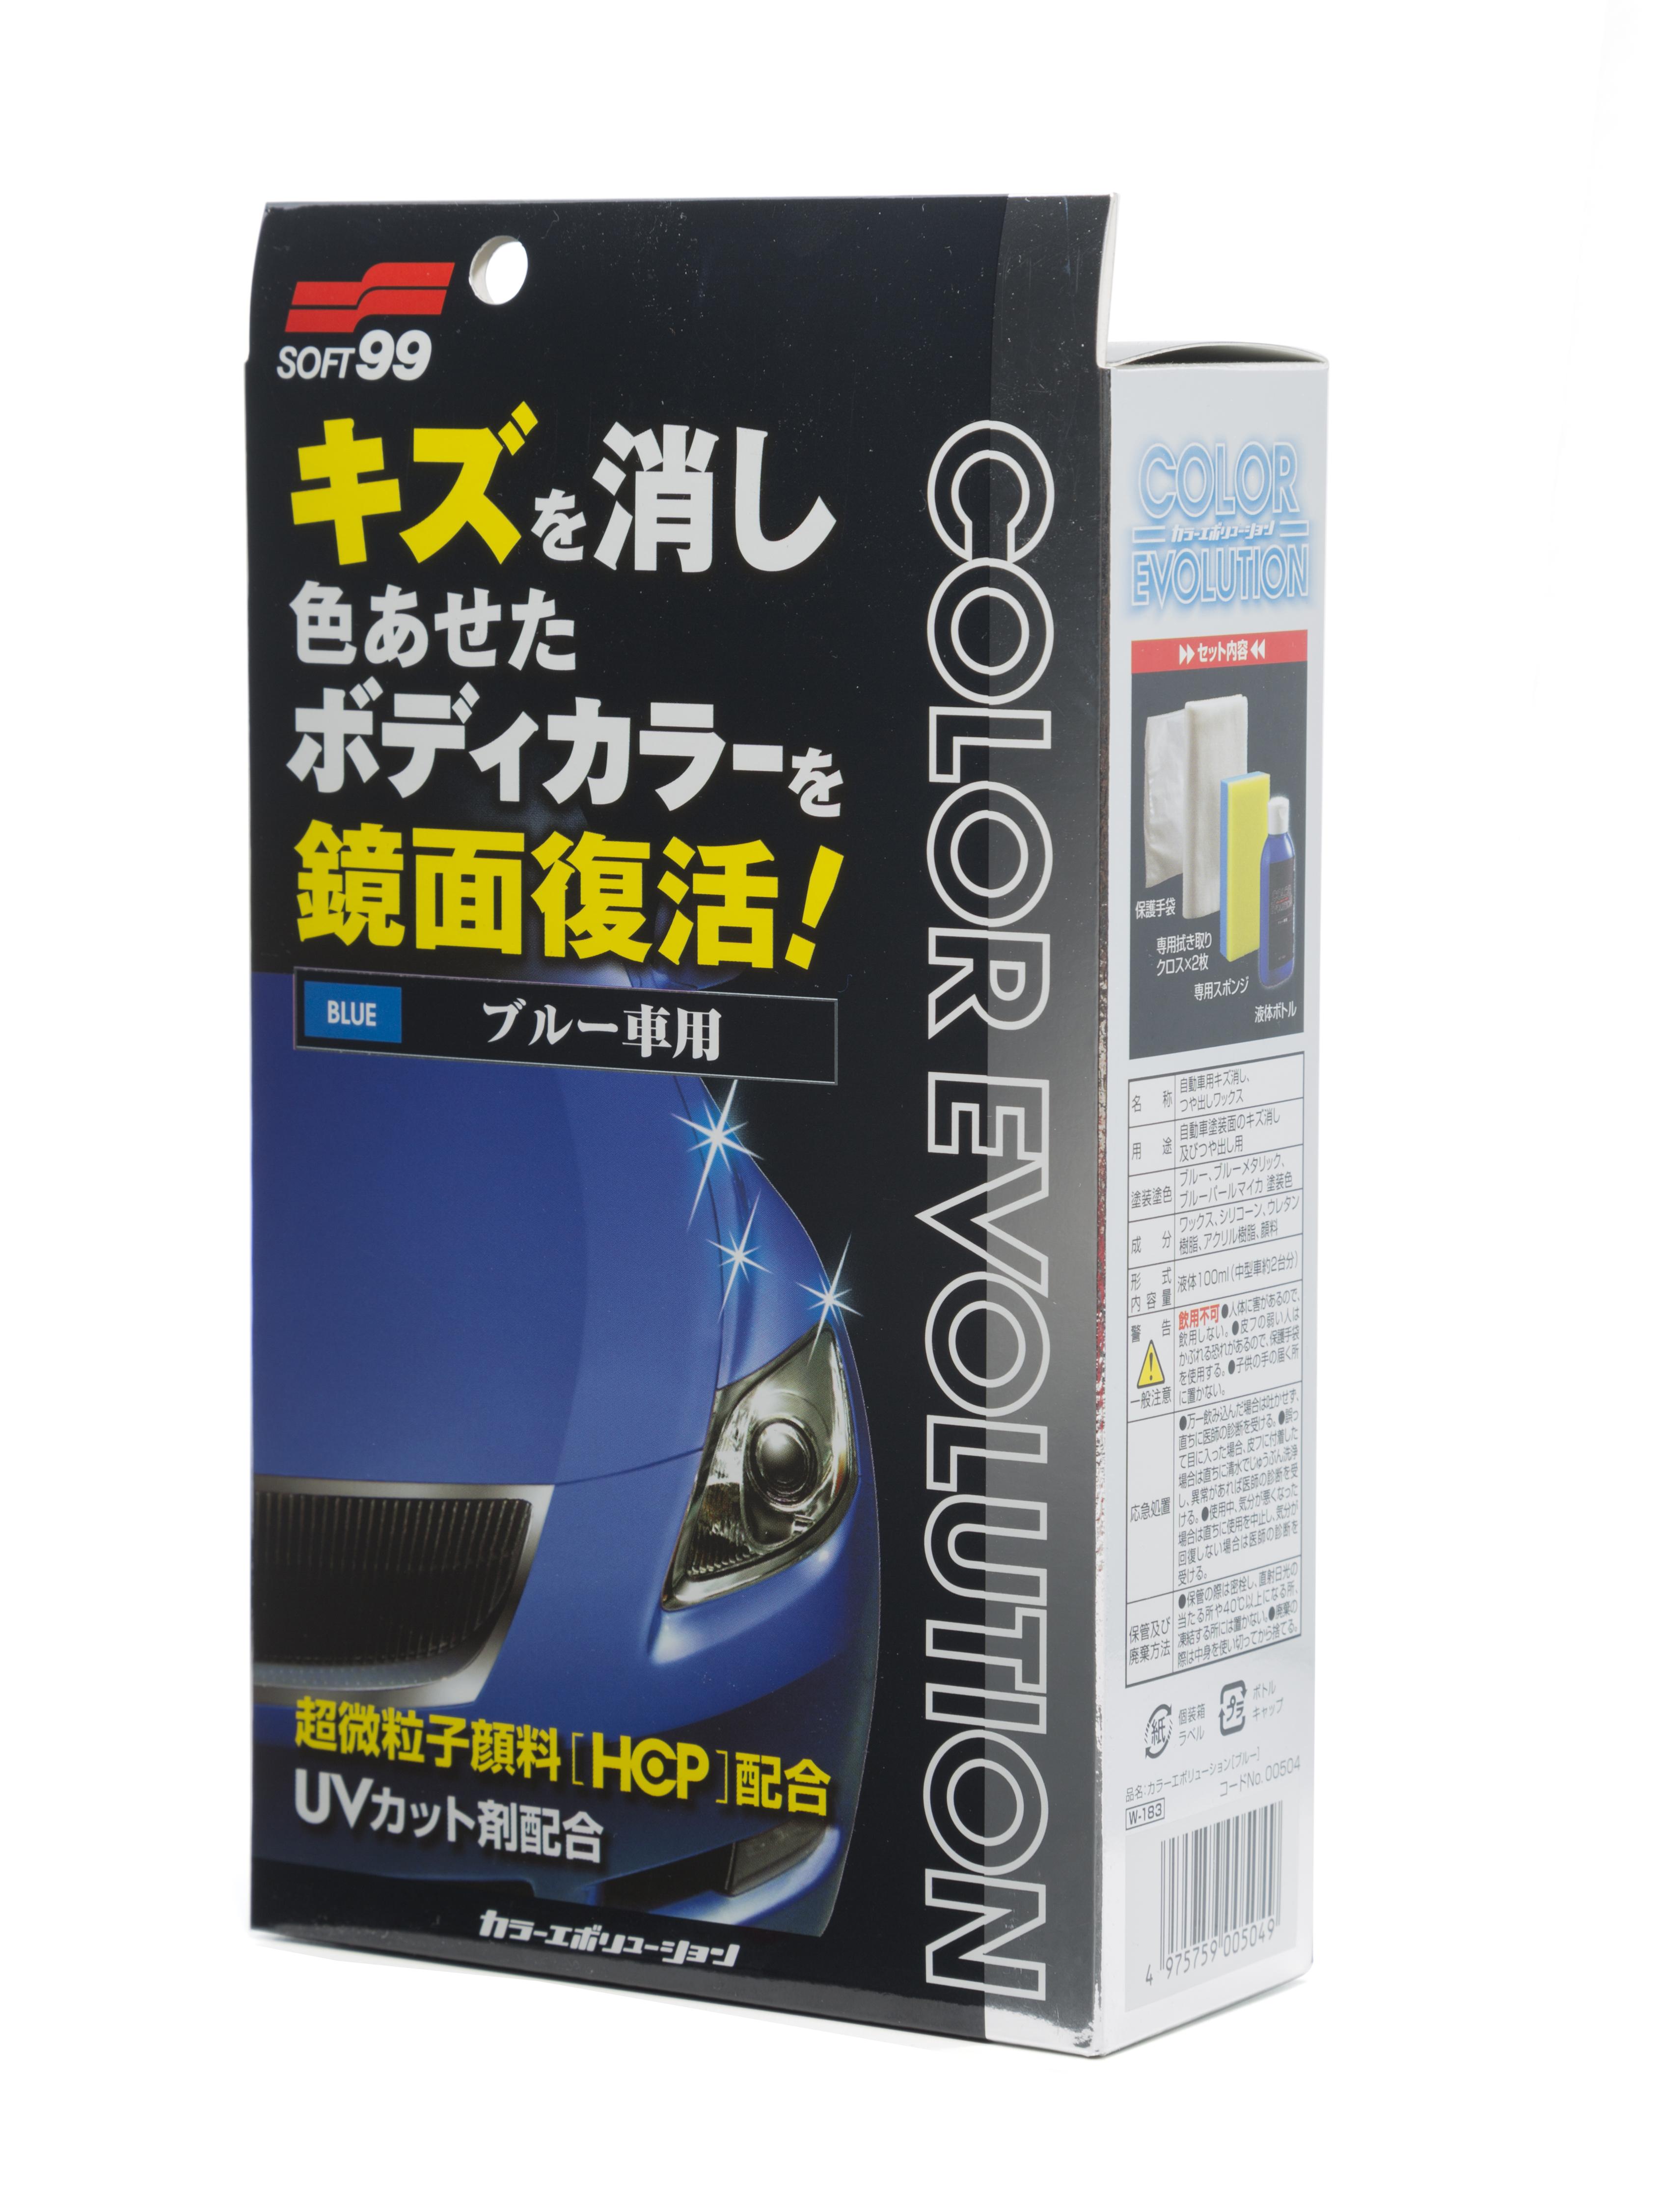 SOFT99 00504   Полироль для кузова цветовосстанавливающий Soft99 Color Evolution Blue для синих, 100 мл   Купить в интернет-магазине Макс-Плюс: Автозапчасти в наличии и под заказ